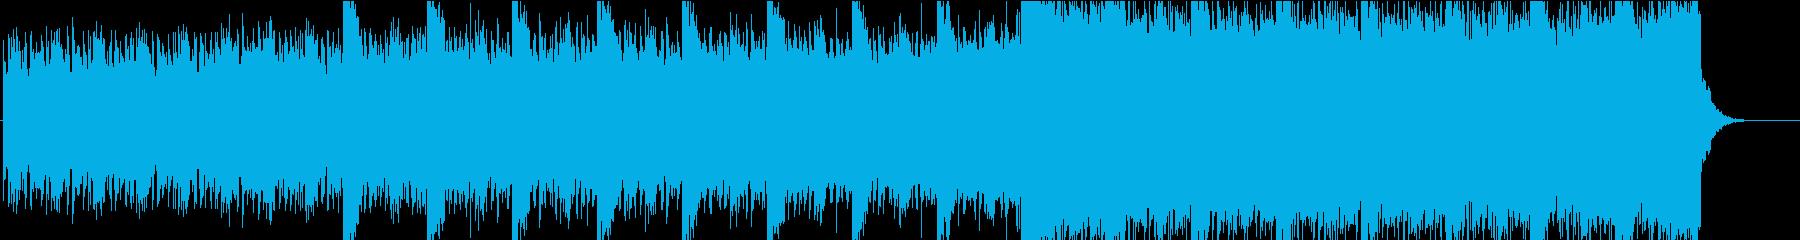 神秘的なアンビエント・ピアノの再生済みの波形